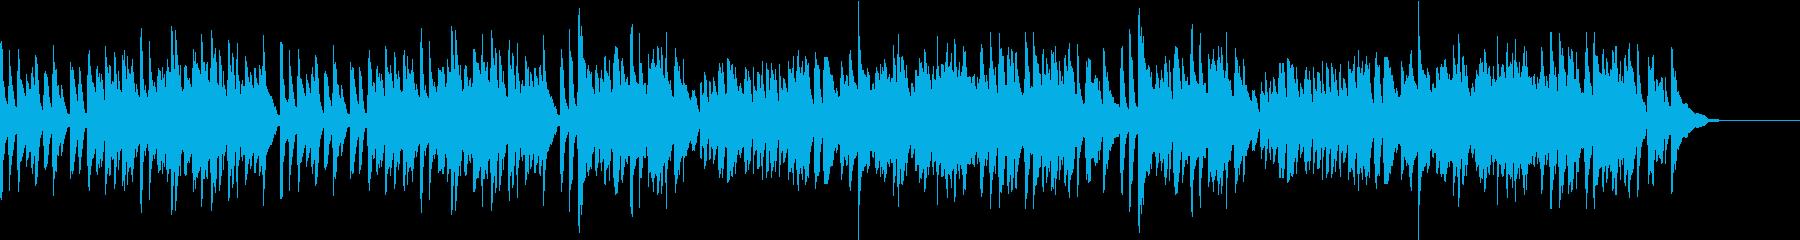 ガボット フランス組曲 バッハ ピアノの再生済みの波形